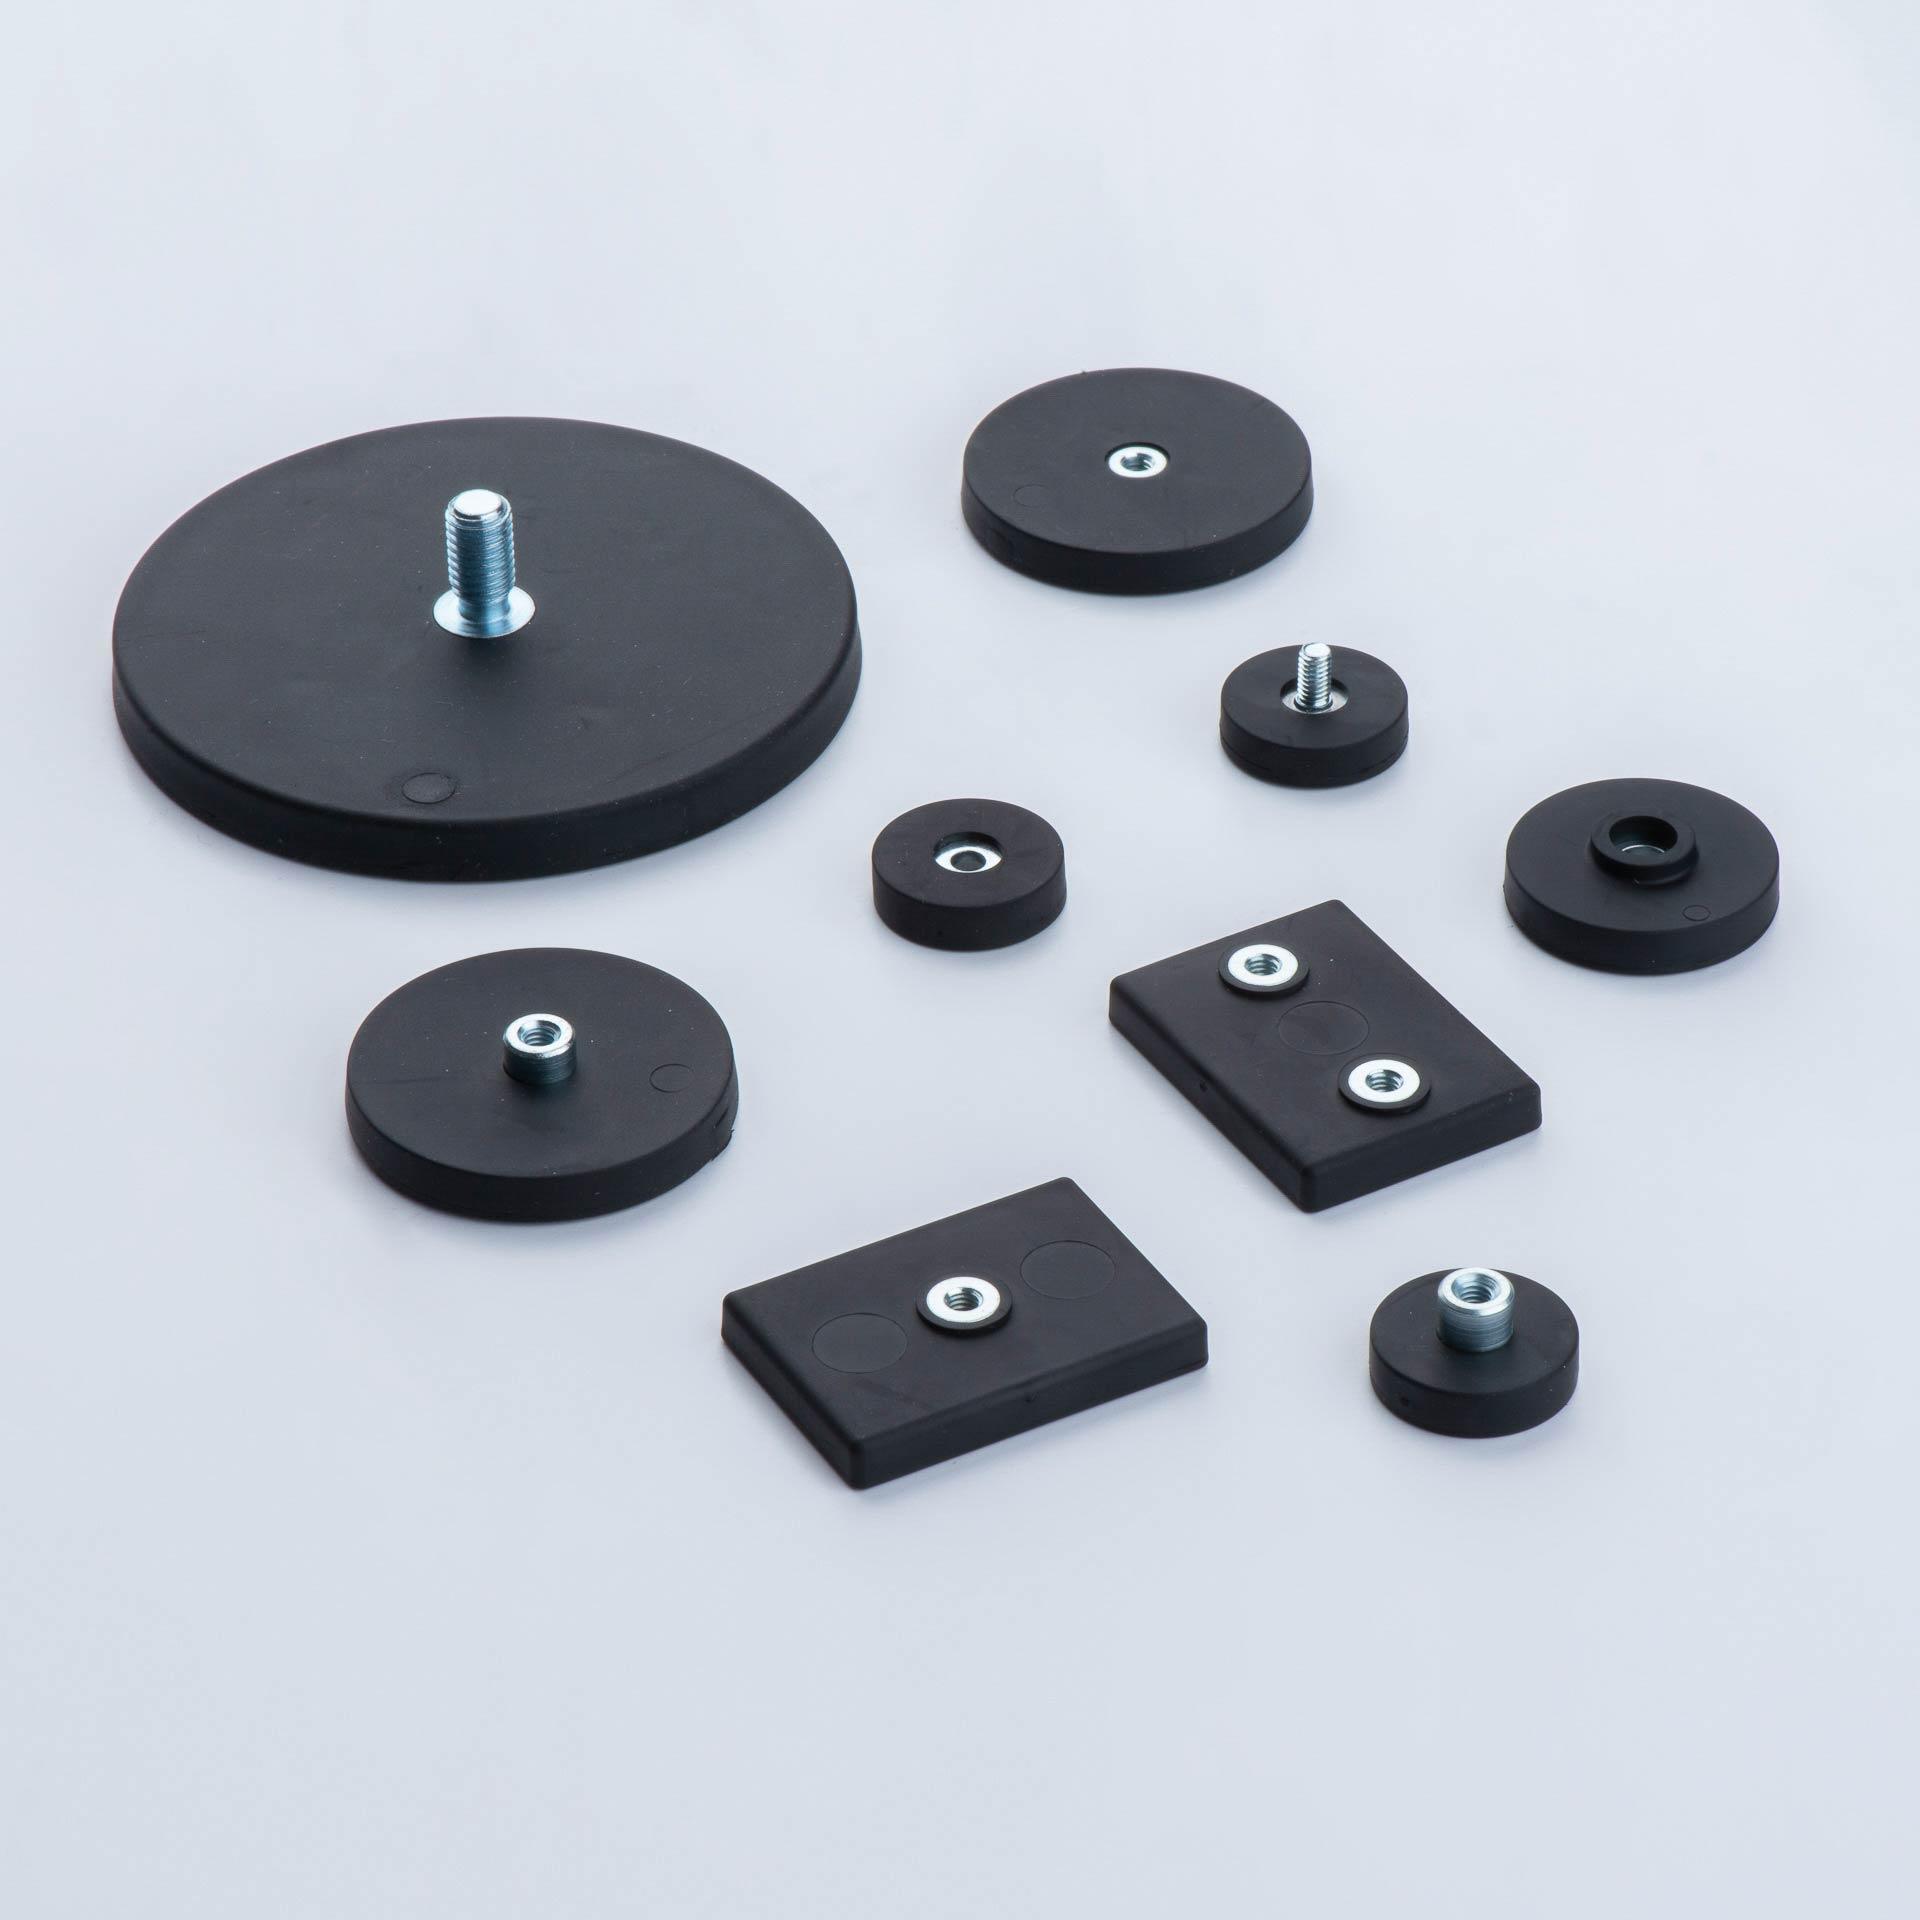 Gummiummantelte Magnetsysteme, thyssenkrupp Magnettechnik